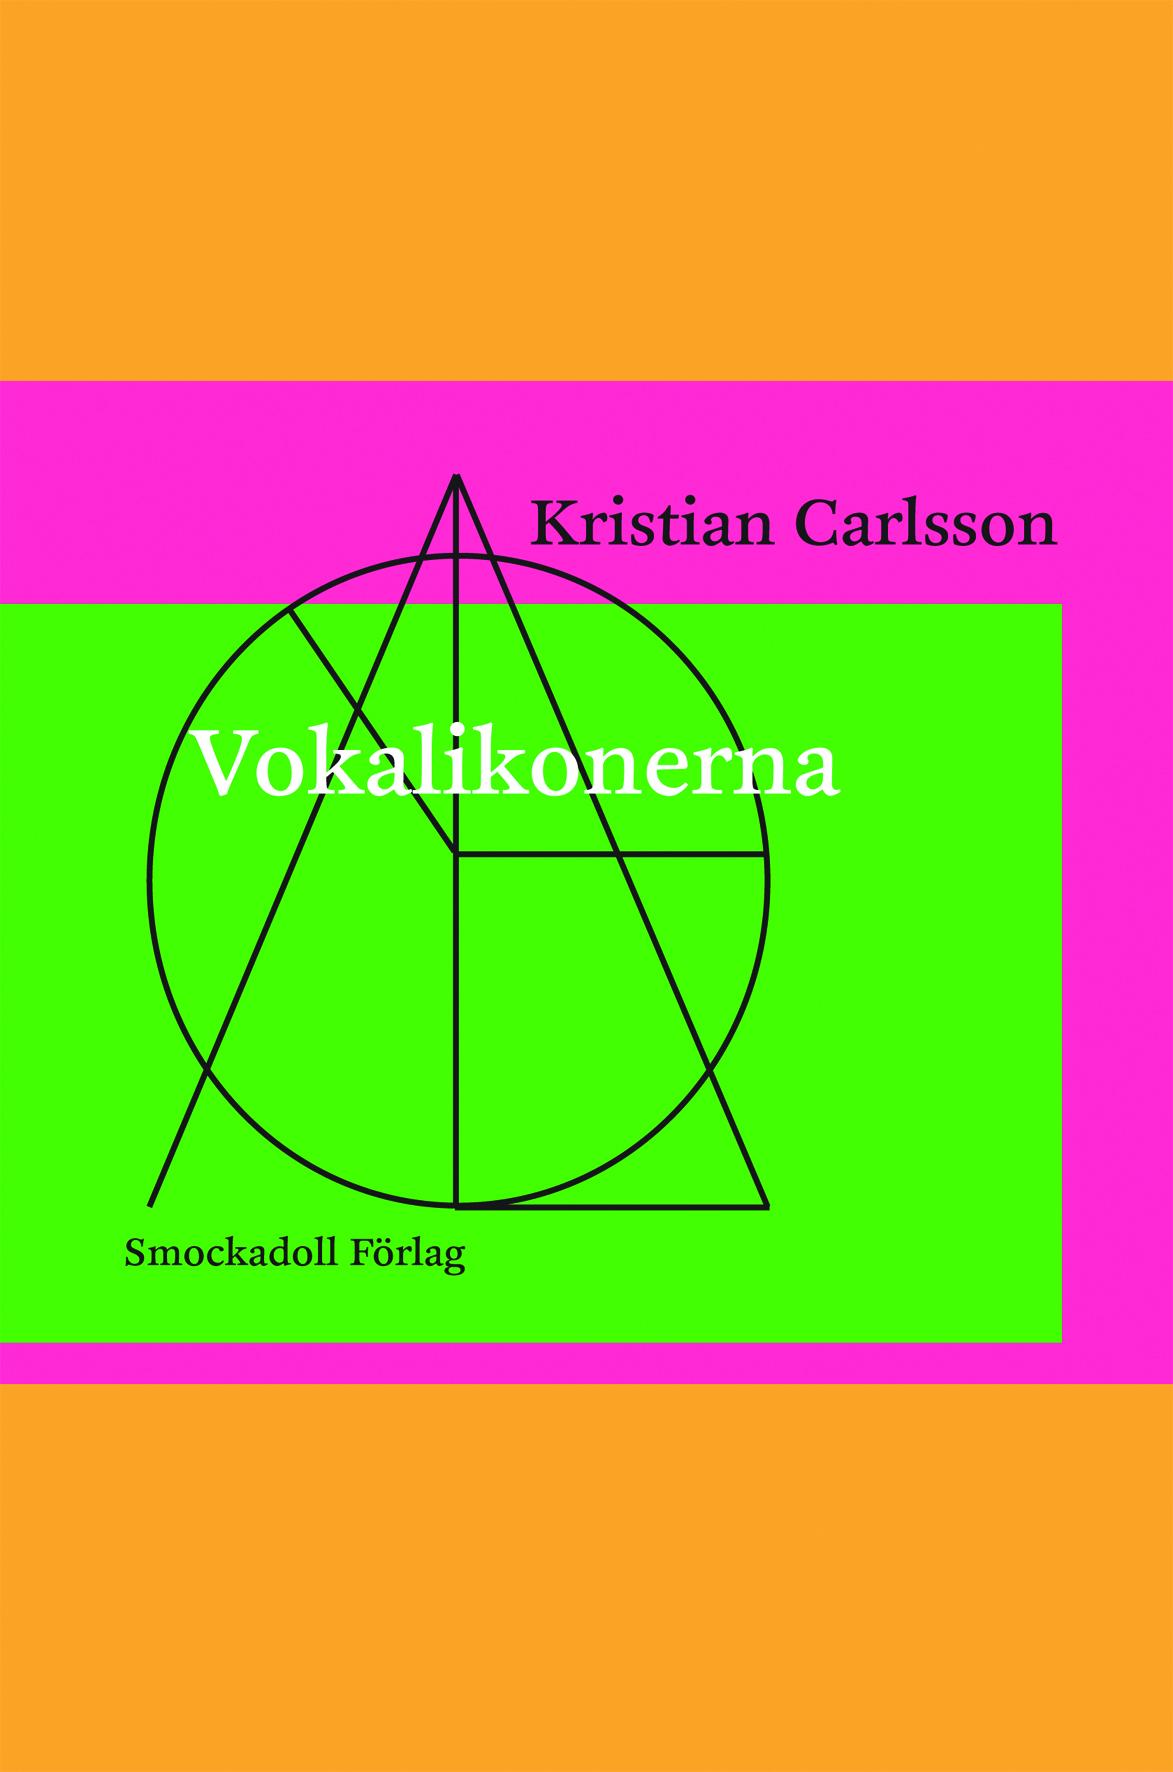 Vokalikonerna av Kristian Carlsson